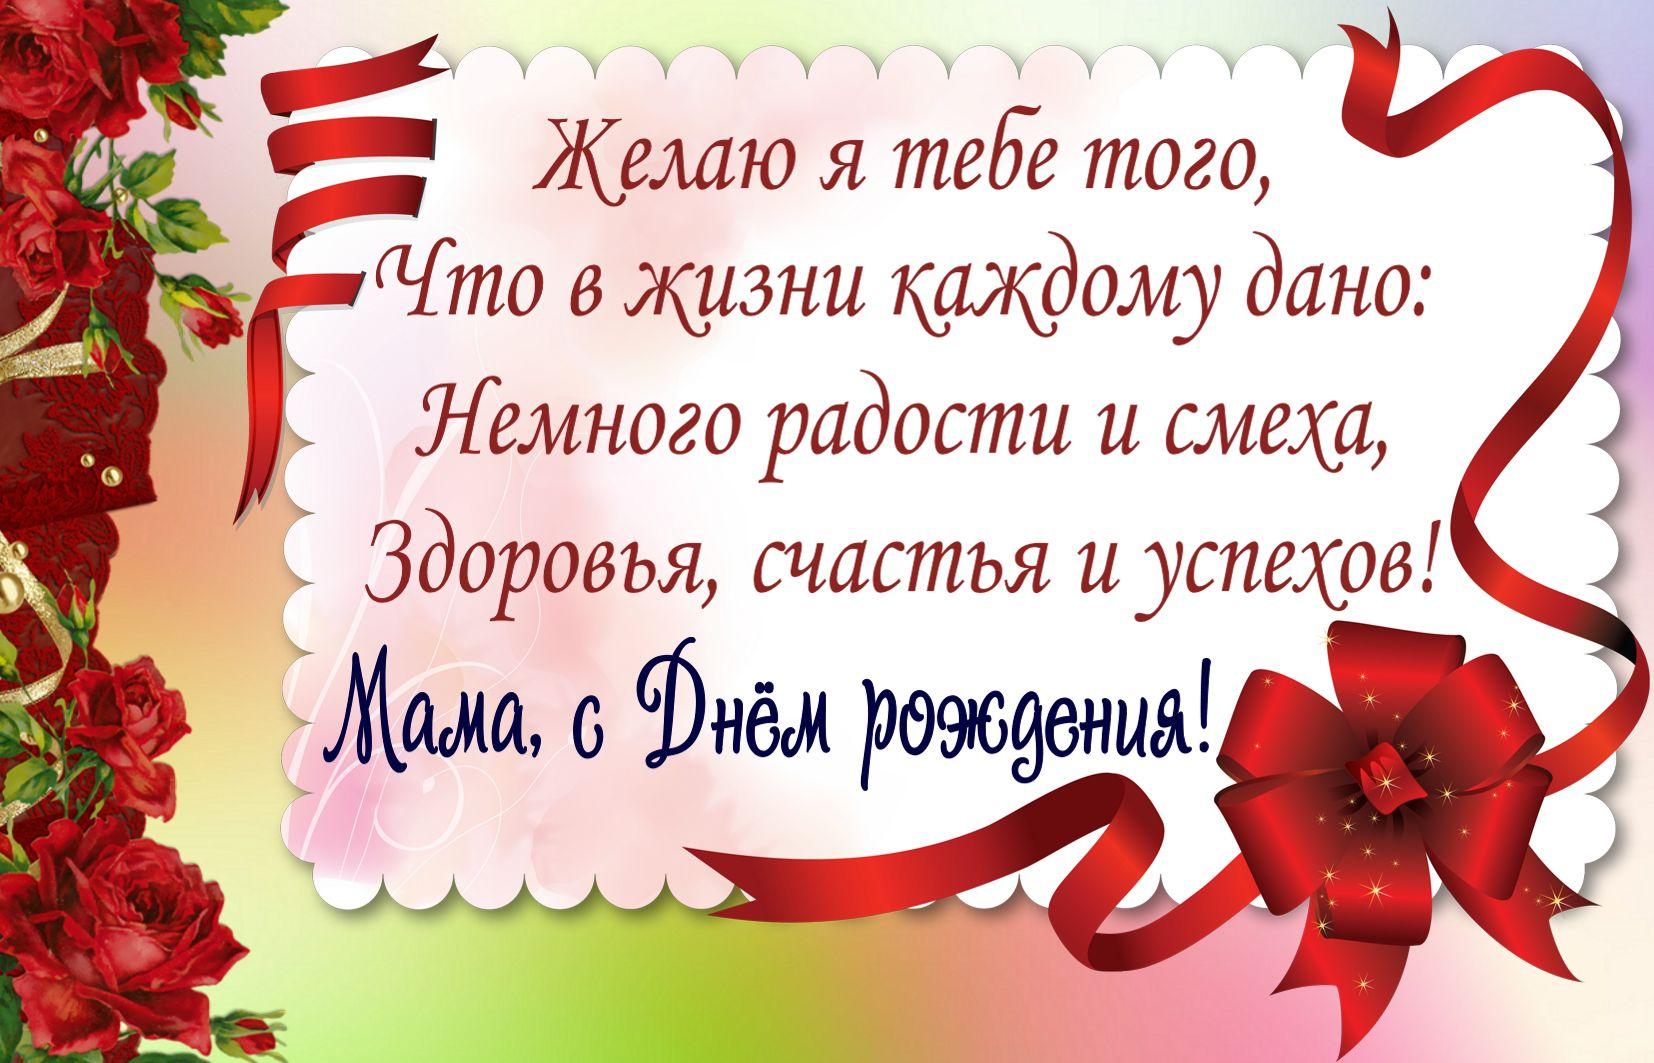 Открытка с Днём рождения - пожелание маме на праздничном фоне